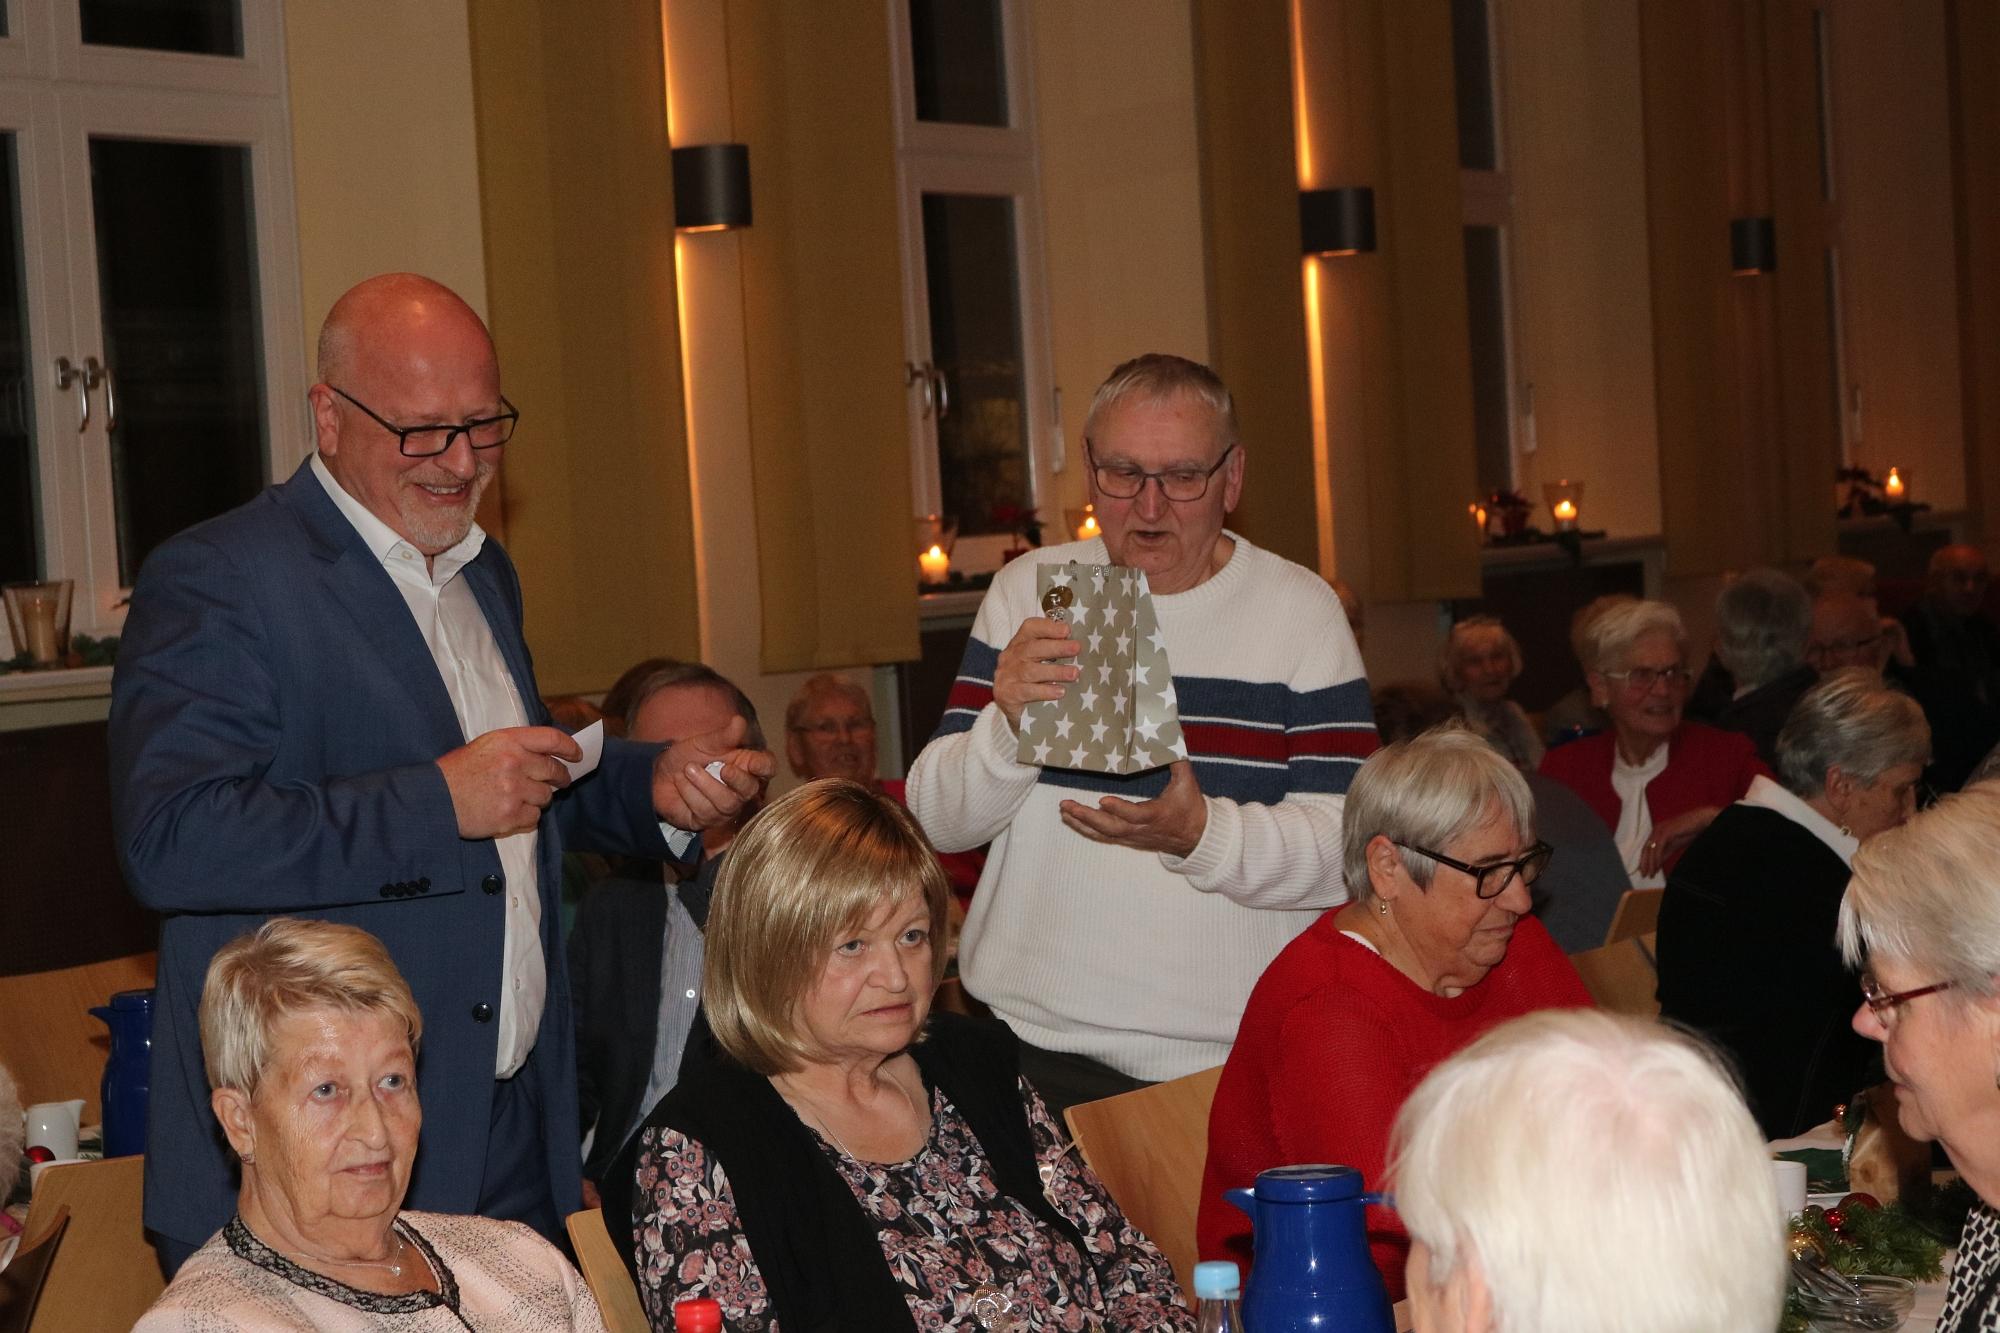 20191213 Senioren-Weihnachtsbacken Gemeinde Leck 22